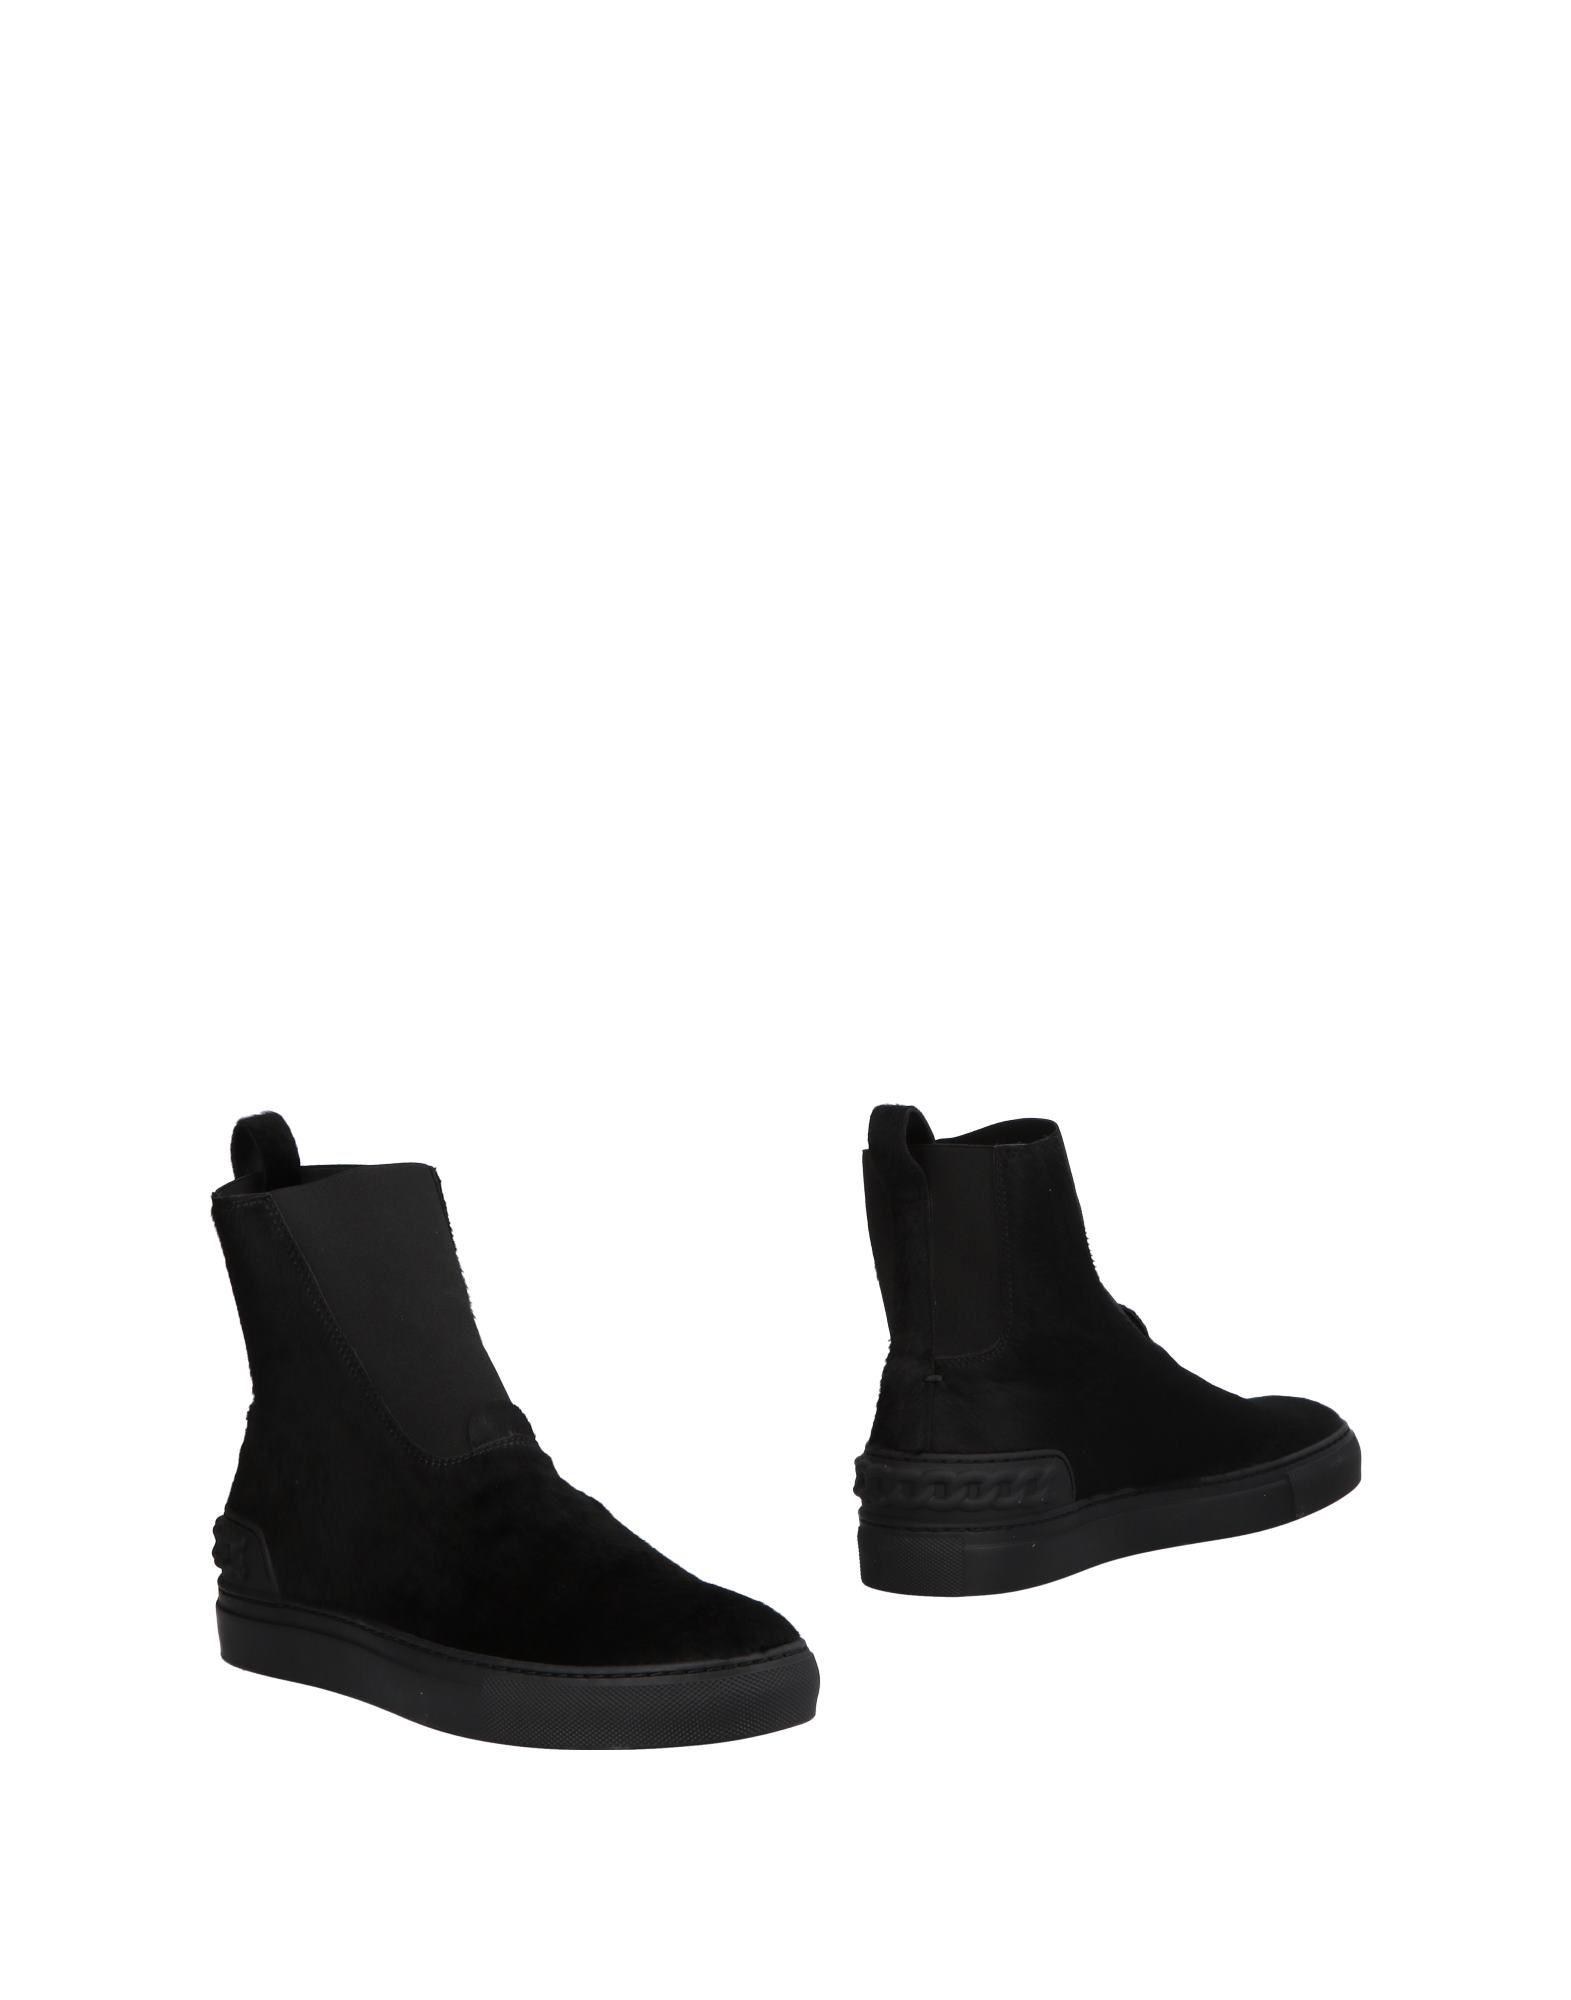 Cesare Casadei Stiefelette Herren  11500412MO Gute Qualität beliebte Schuhe